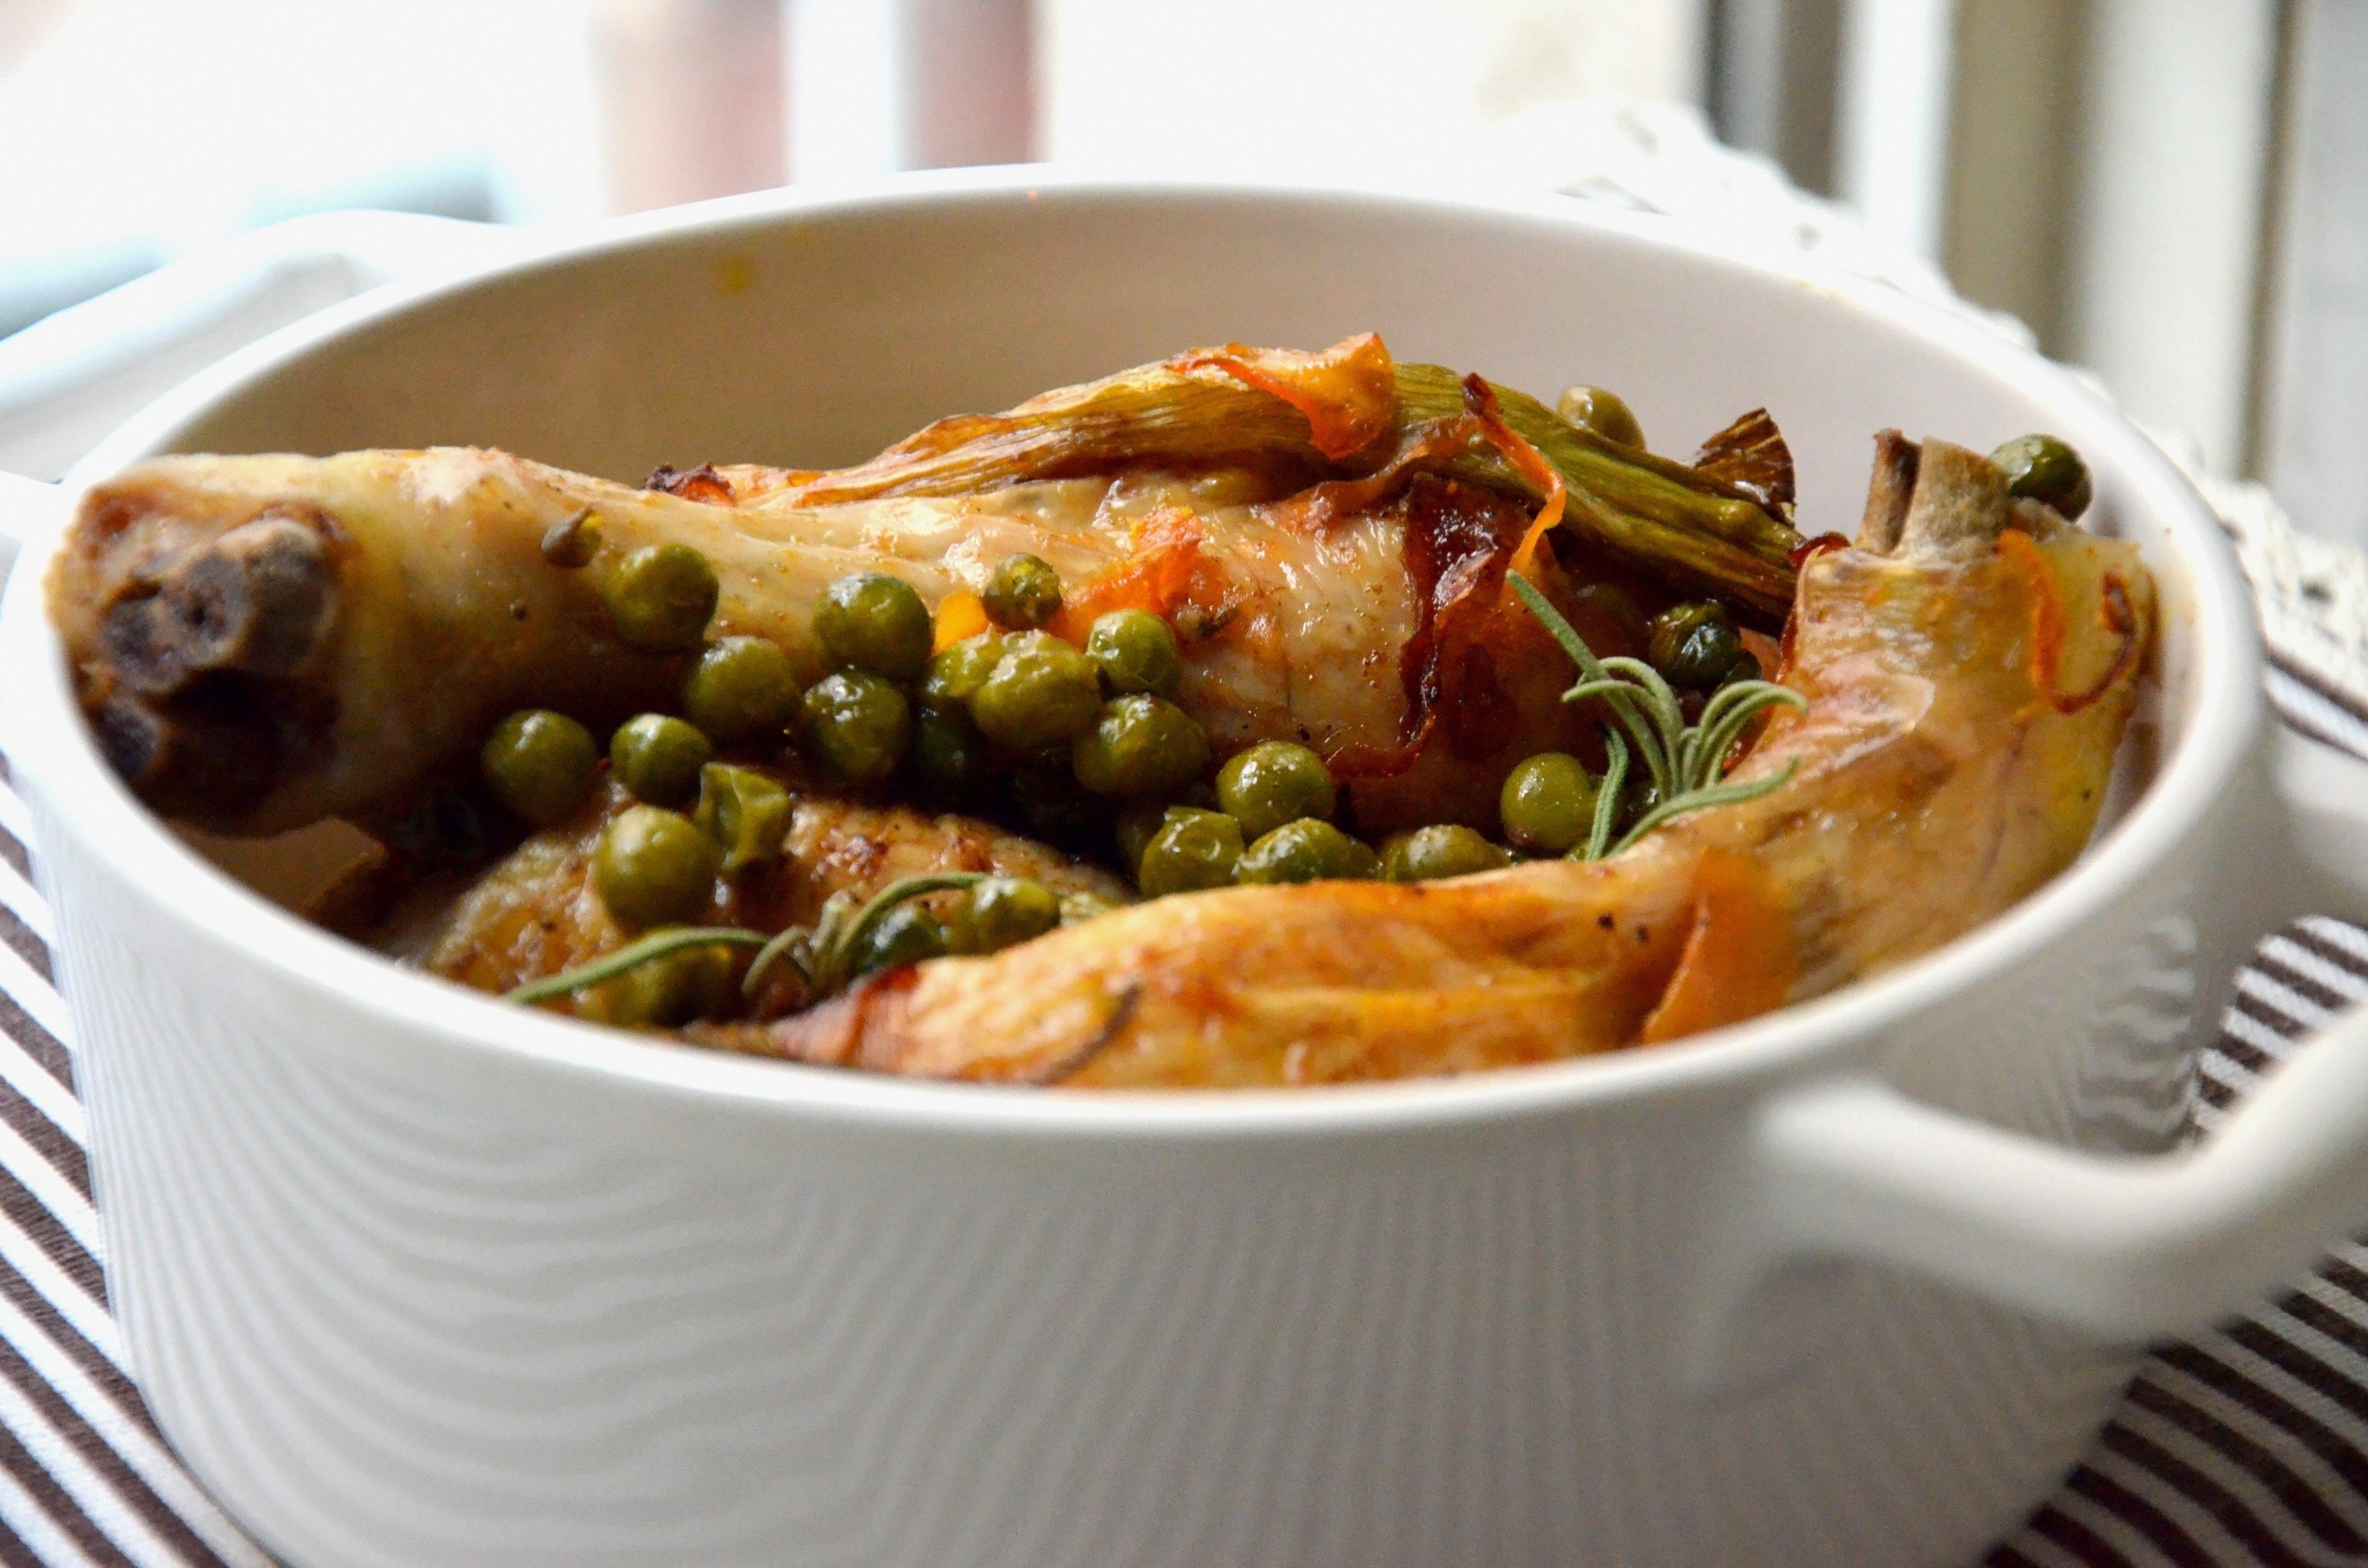 Cosce di pollo speziate: la ricetta del secondo piatto succulento e profumato